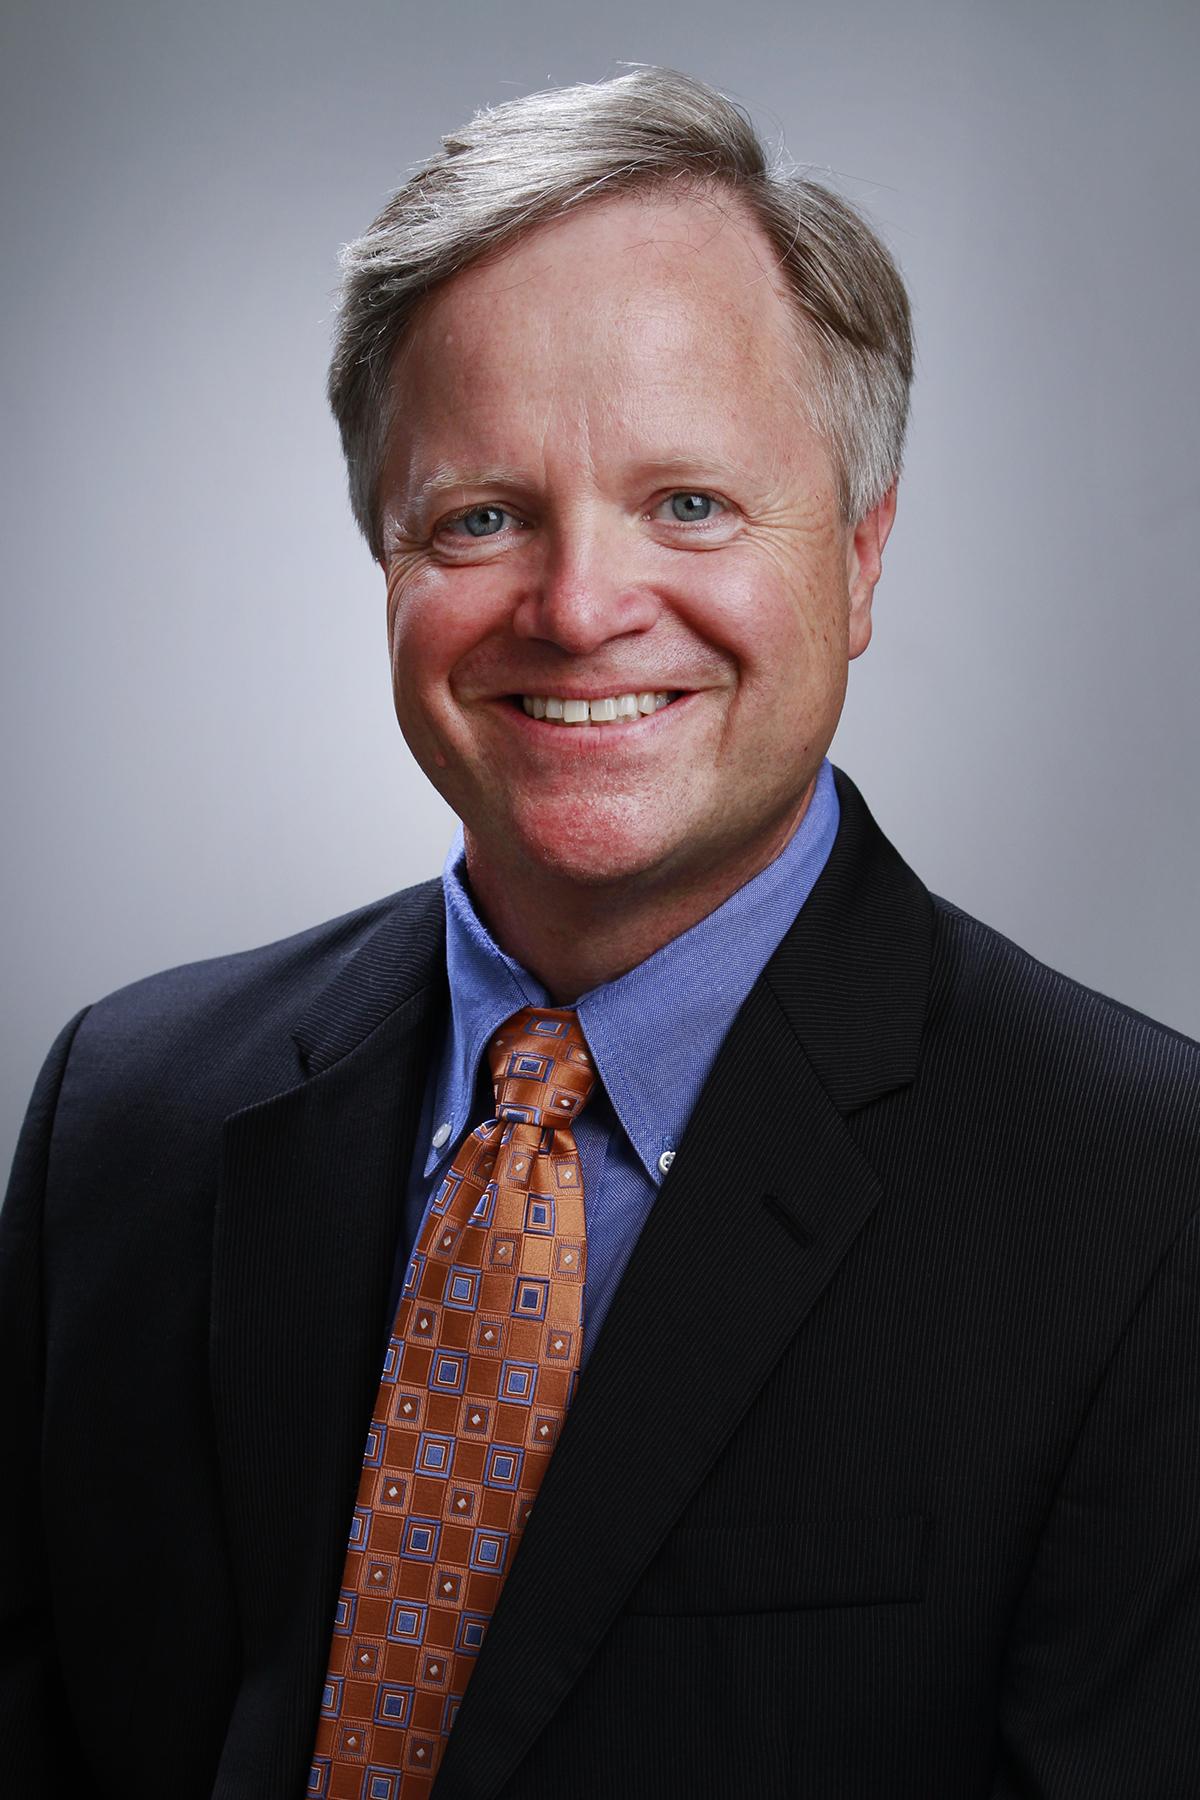 Wes Moran